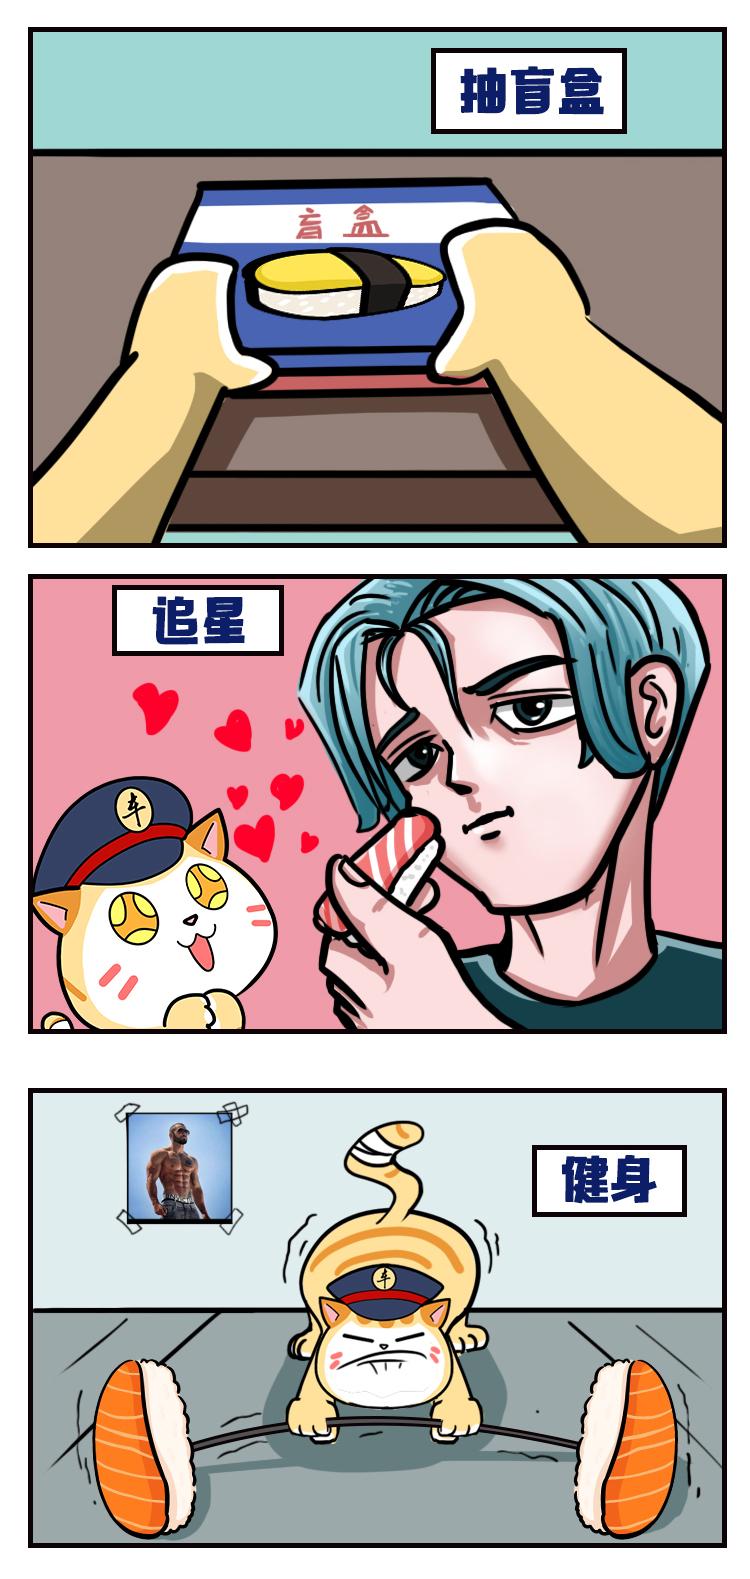 车前漫画重阳节_02.jpg